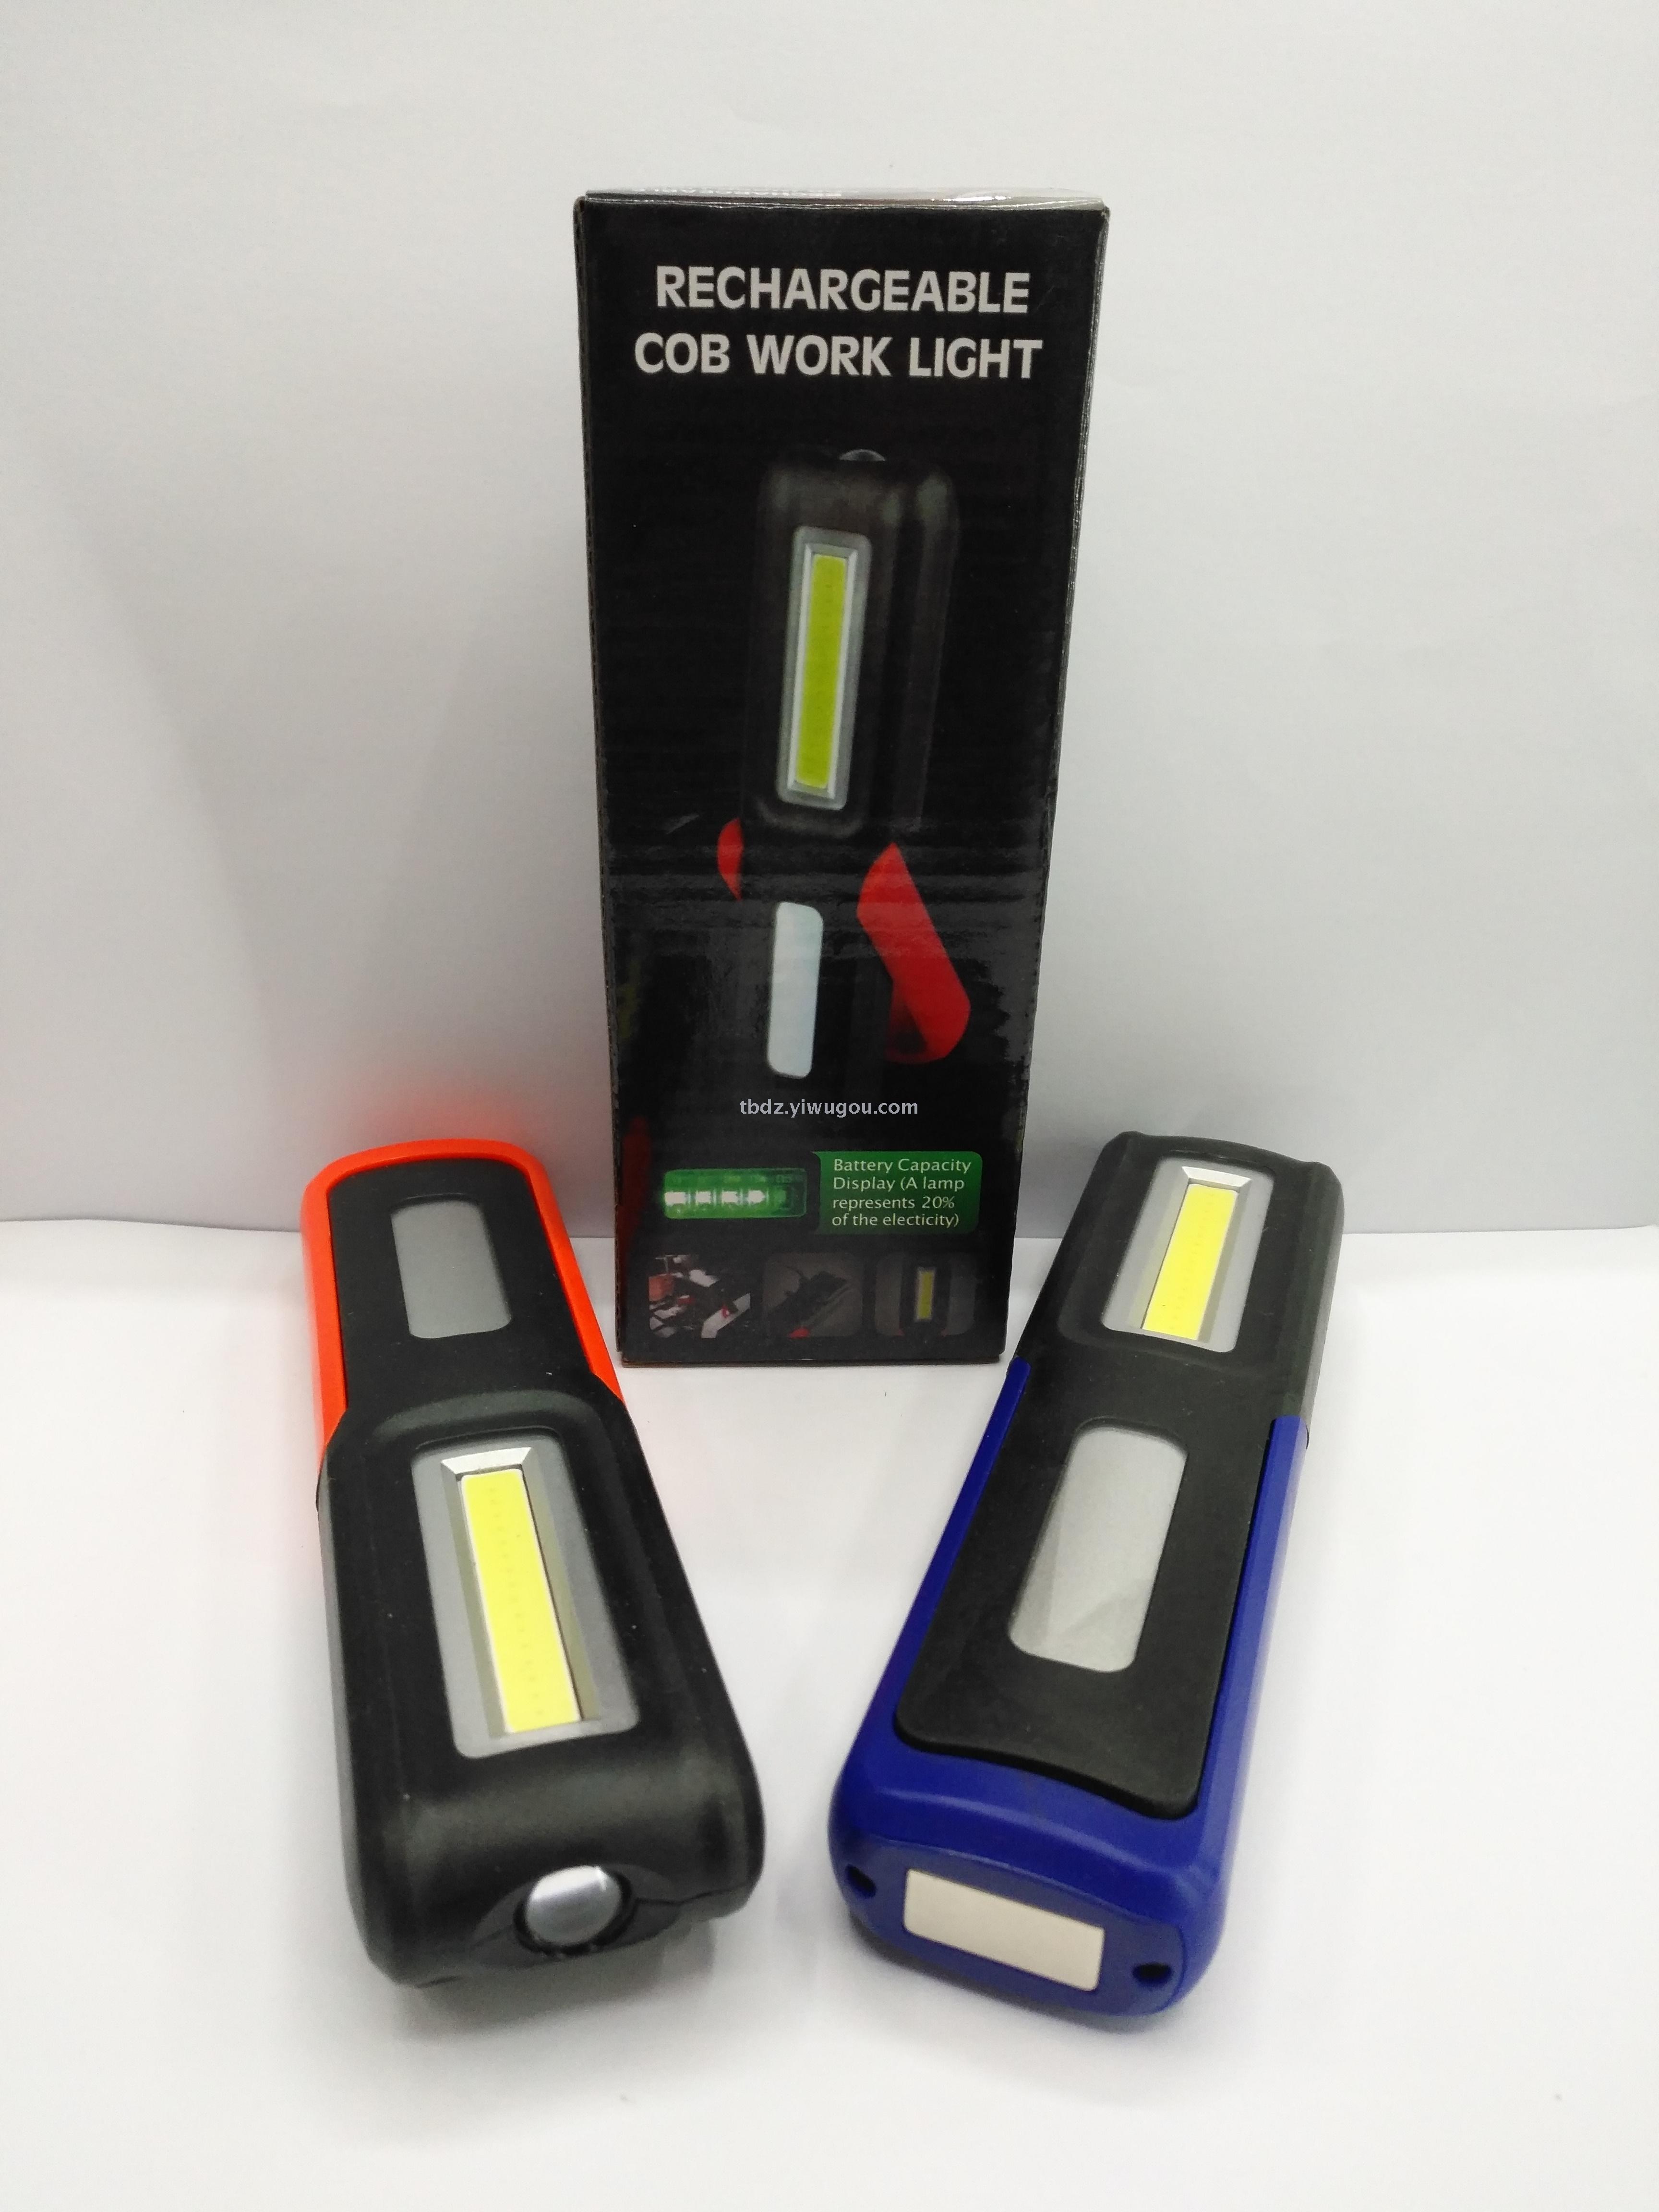 新款充电工作灯,cob工具灯,检修灯维修灯,帐篷灯手电筒